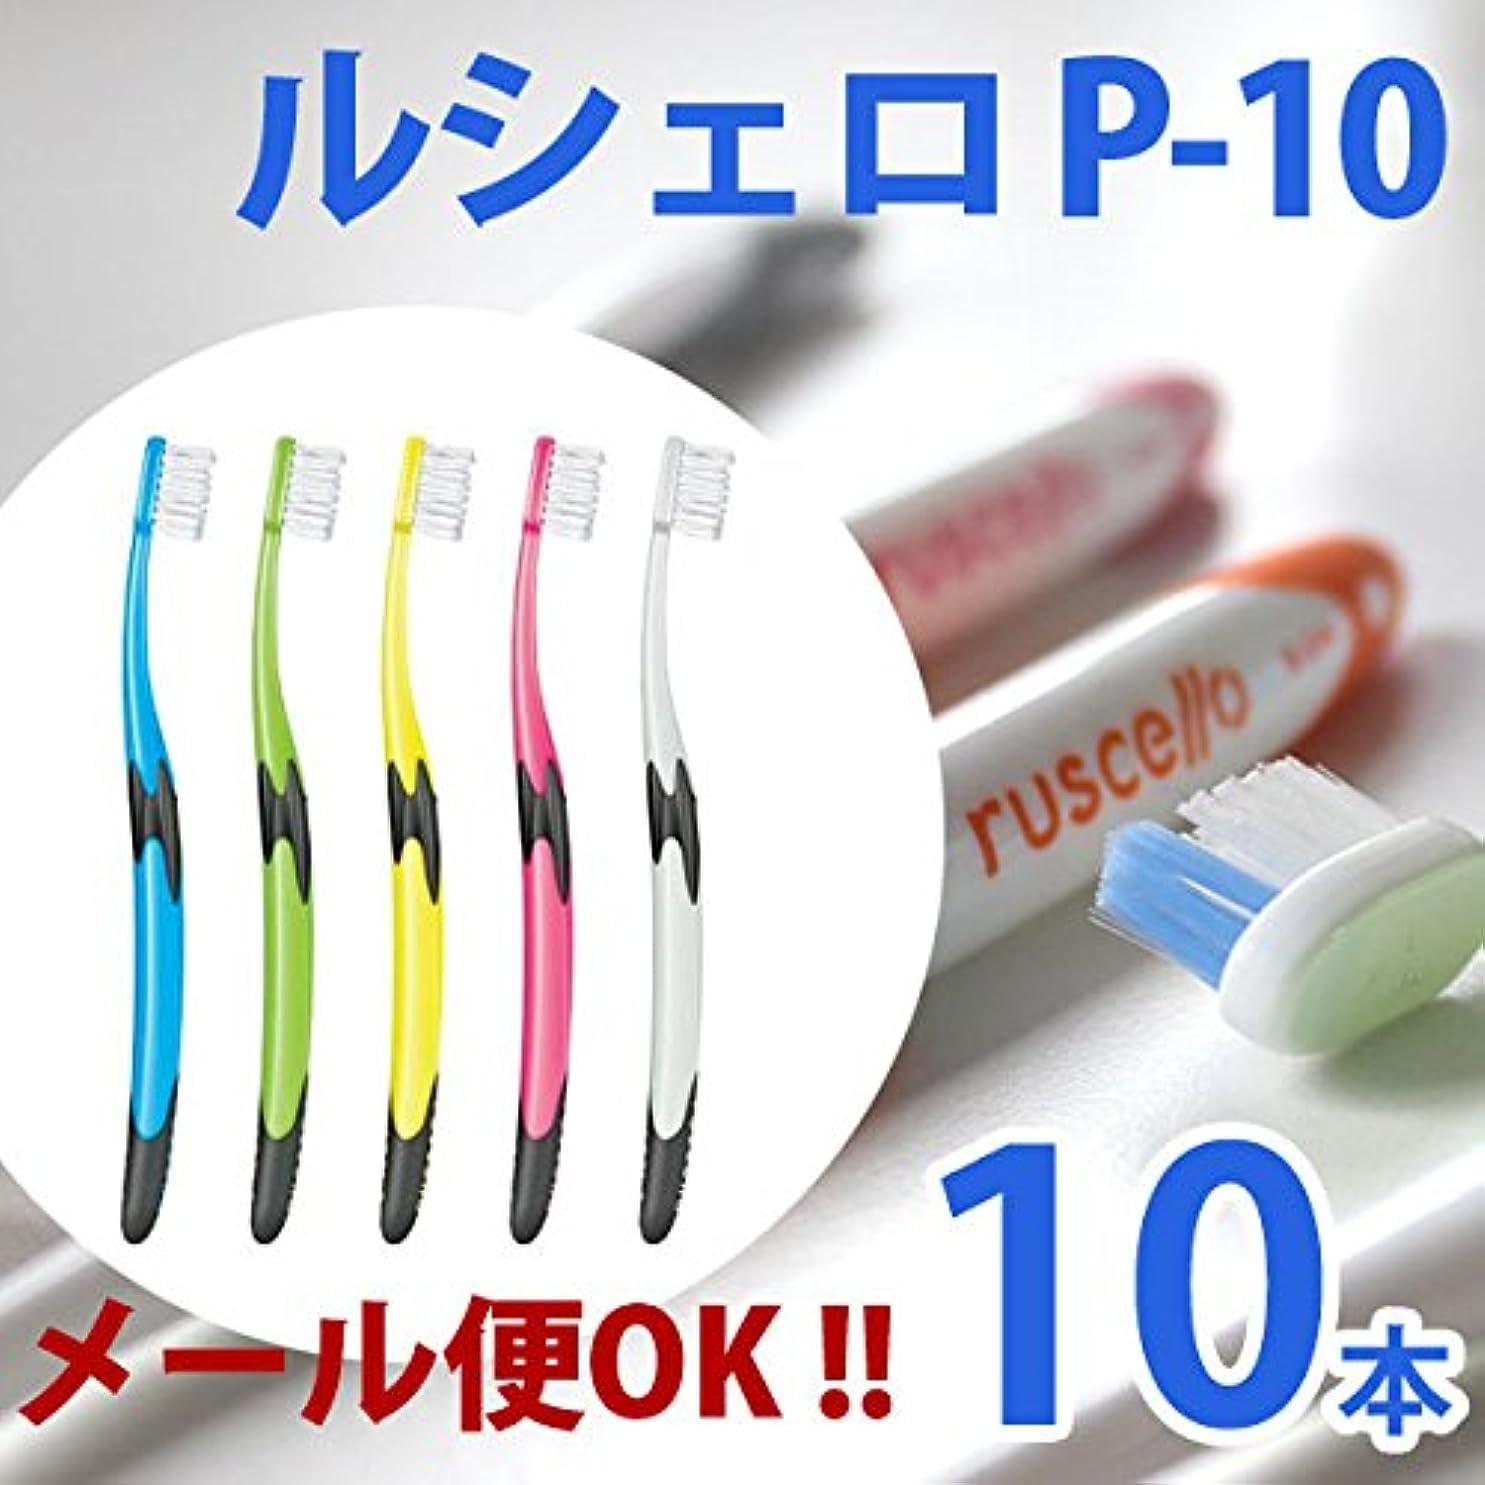 非武装化最初はブッシュルシェロ GCシェロ 歯ブラシP-10 5色アソート 10本セット 歯周疾患の方向け。極細のテーパー毛が M